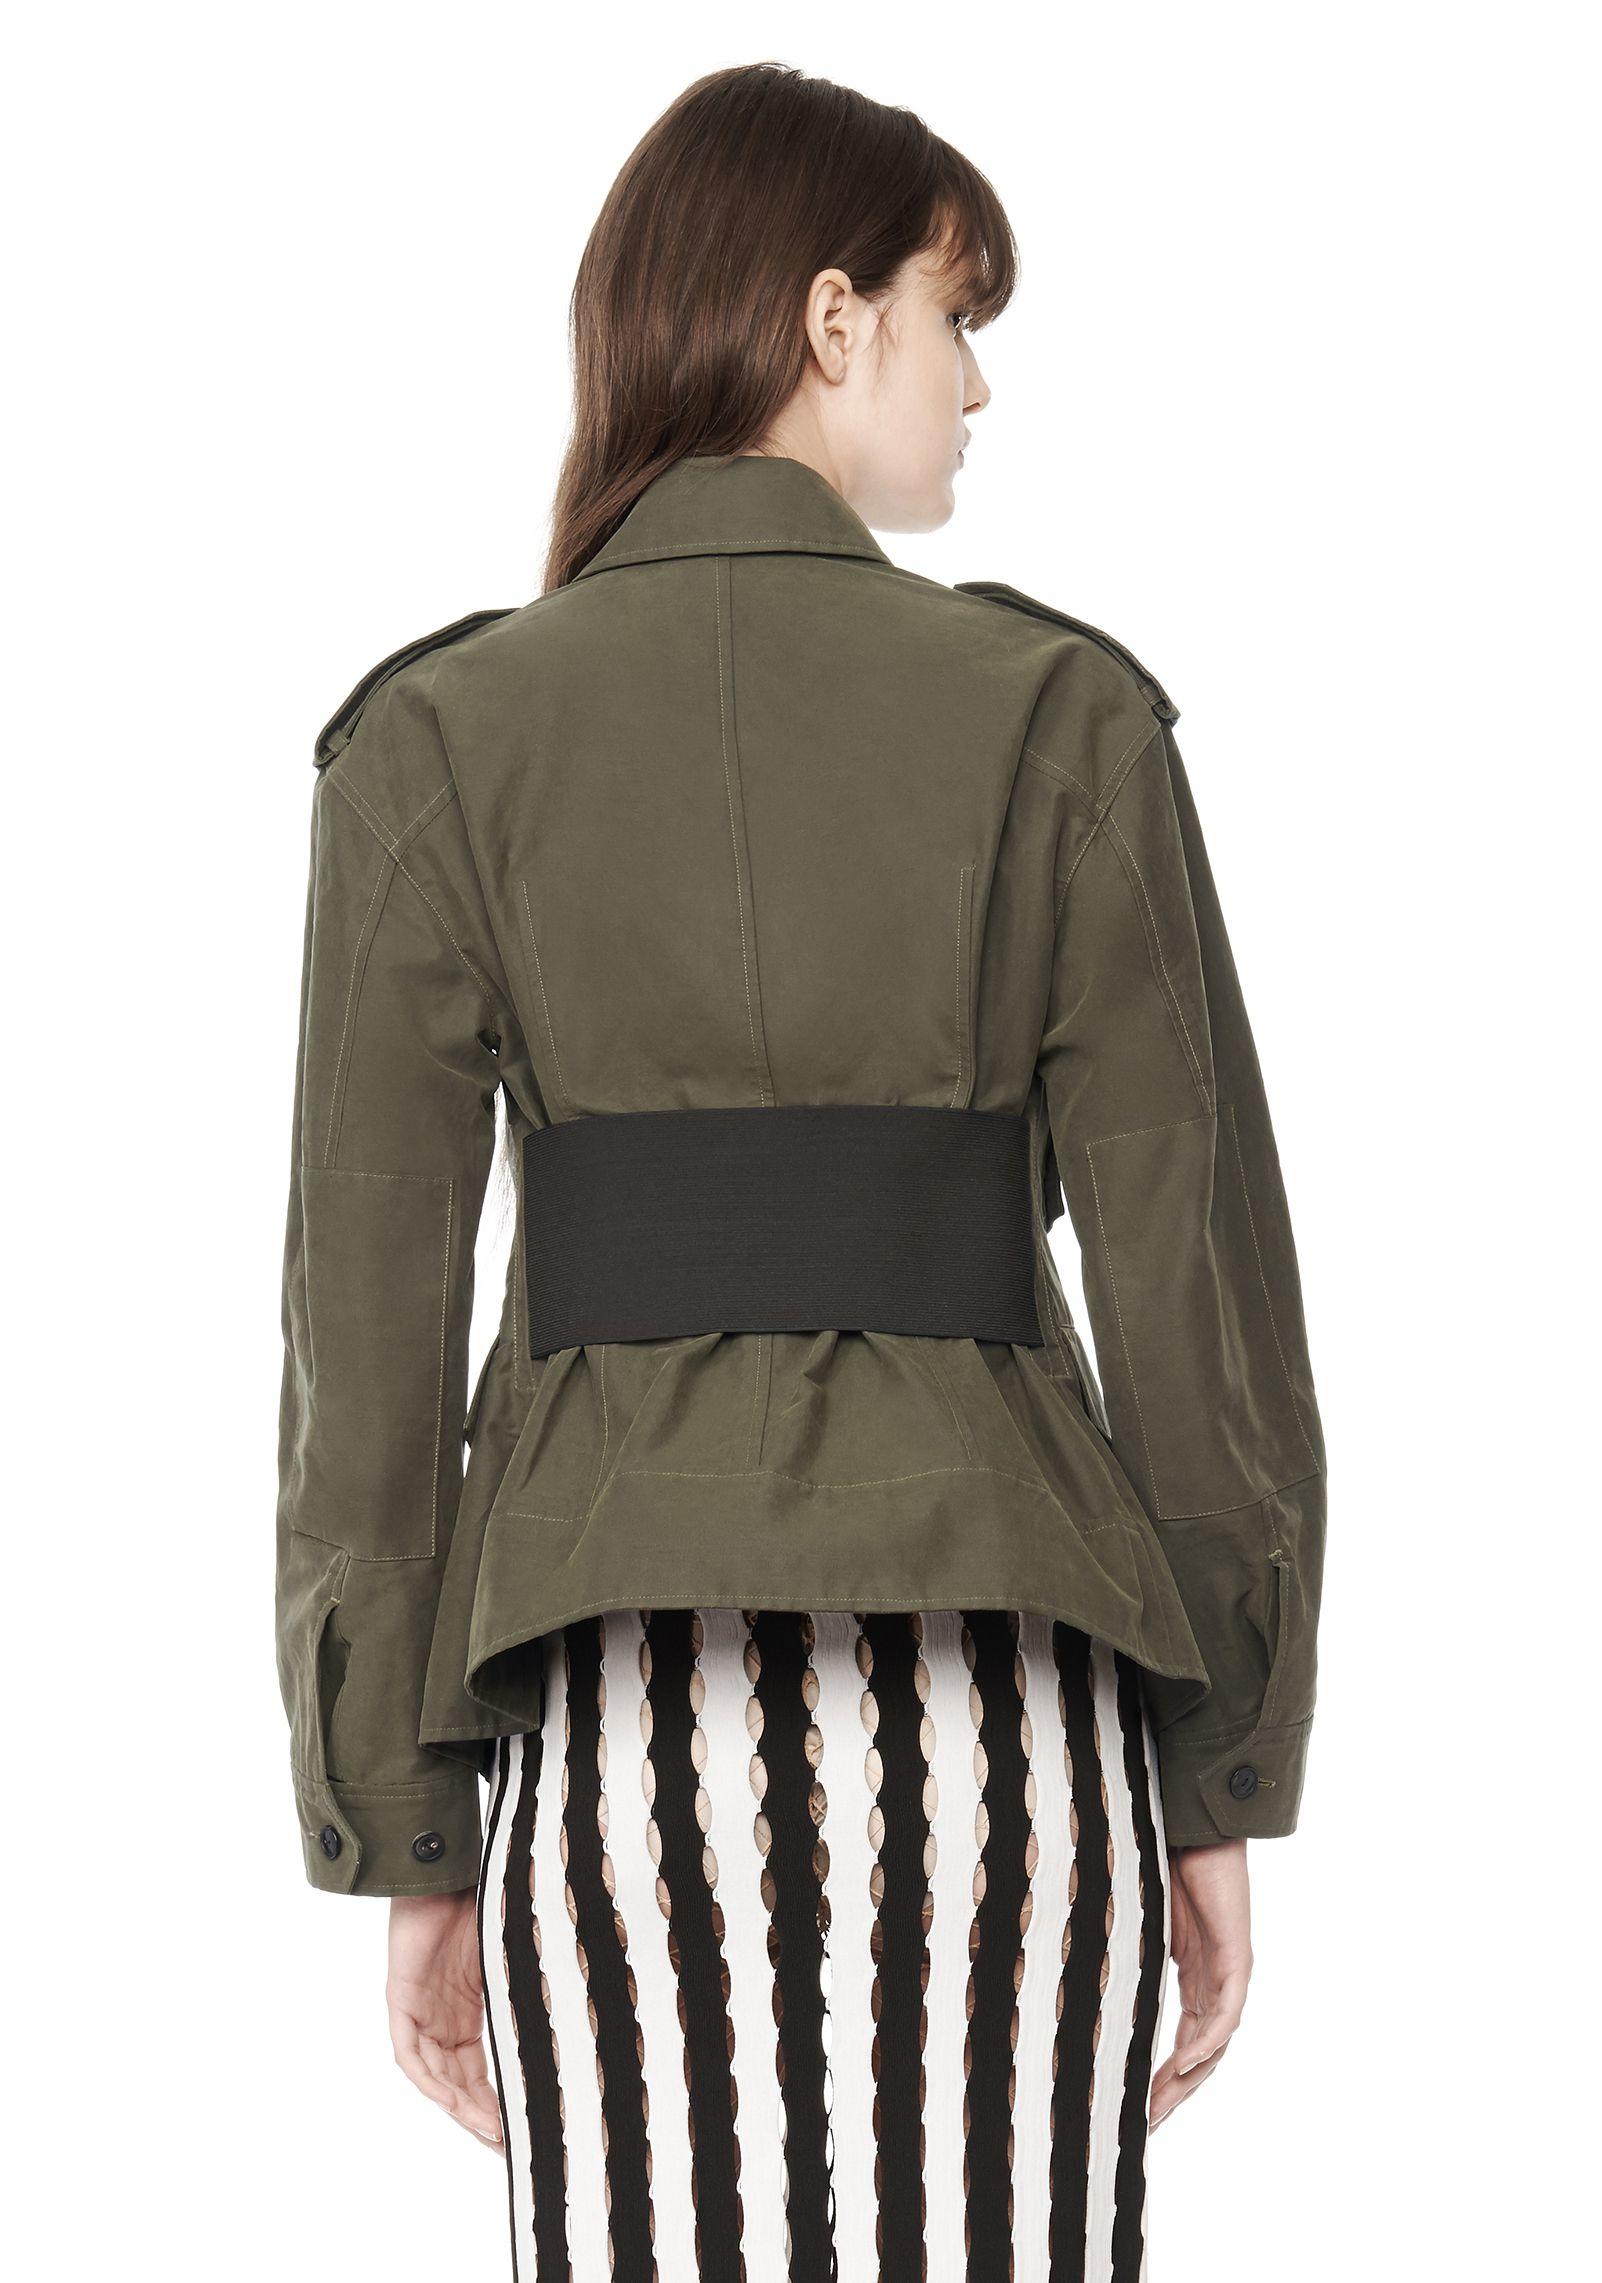 Alexander wang Exclusive Cutaway Surplus Jacket in Green | Lyst